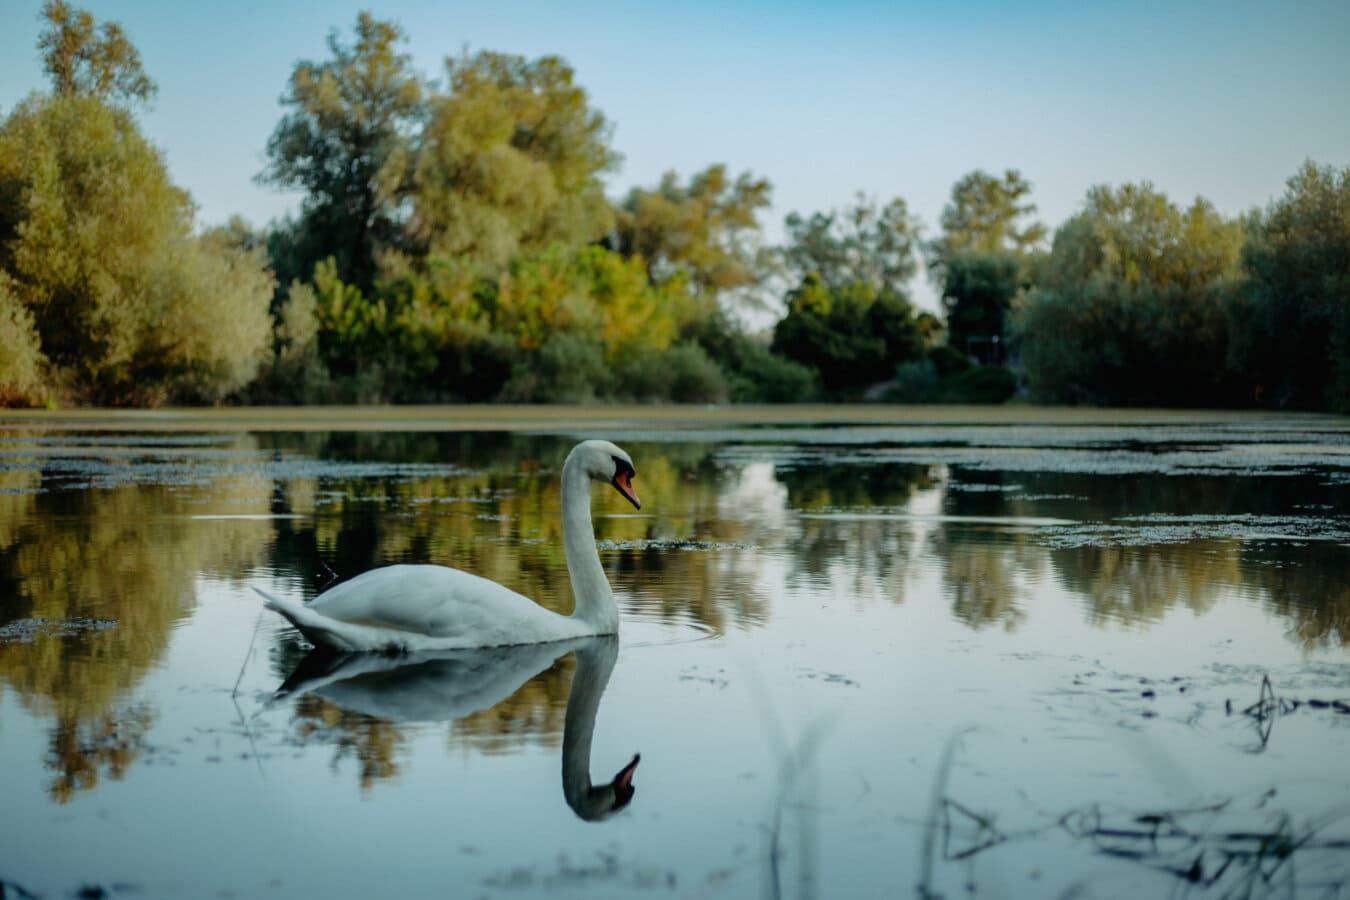 aube, majestueux, cygne, au bord du lac, nature, oiseau, soirée, placide, eau, paysage